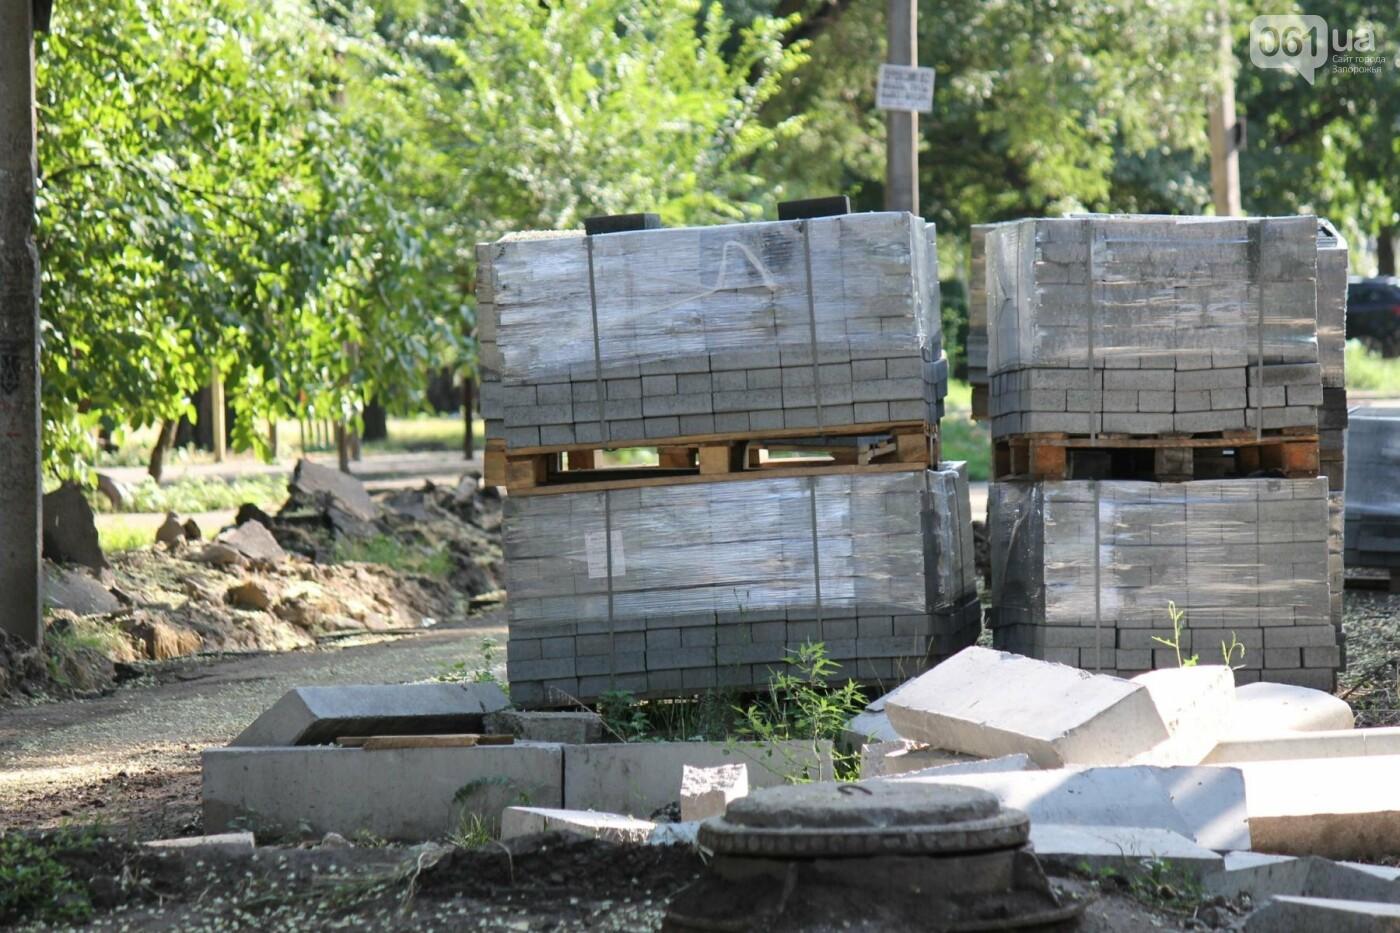 В Запорожье спешат до конца лета закончить реконструкцию аллеи на Якова Новицкого: на каком этапе работы, – ФОТОРЕПОРТАЖ, фото-18